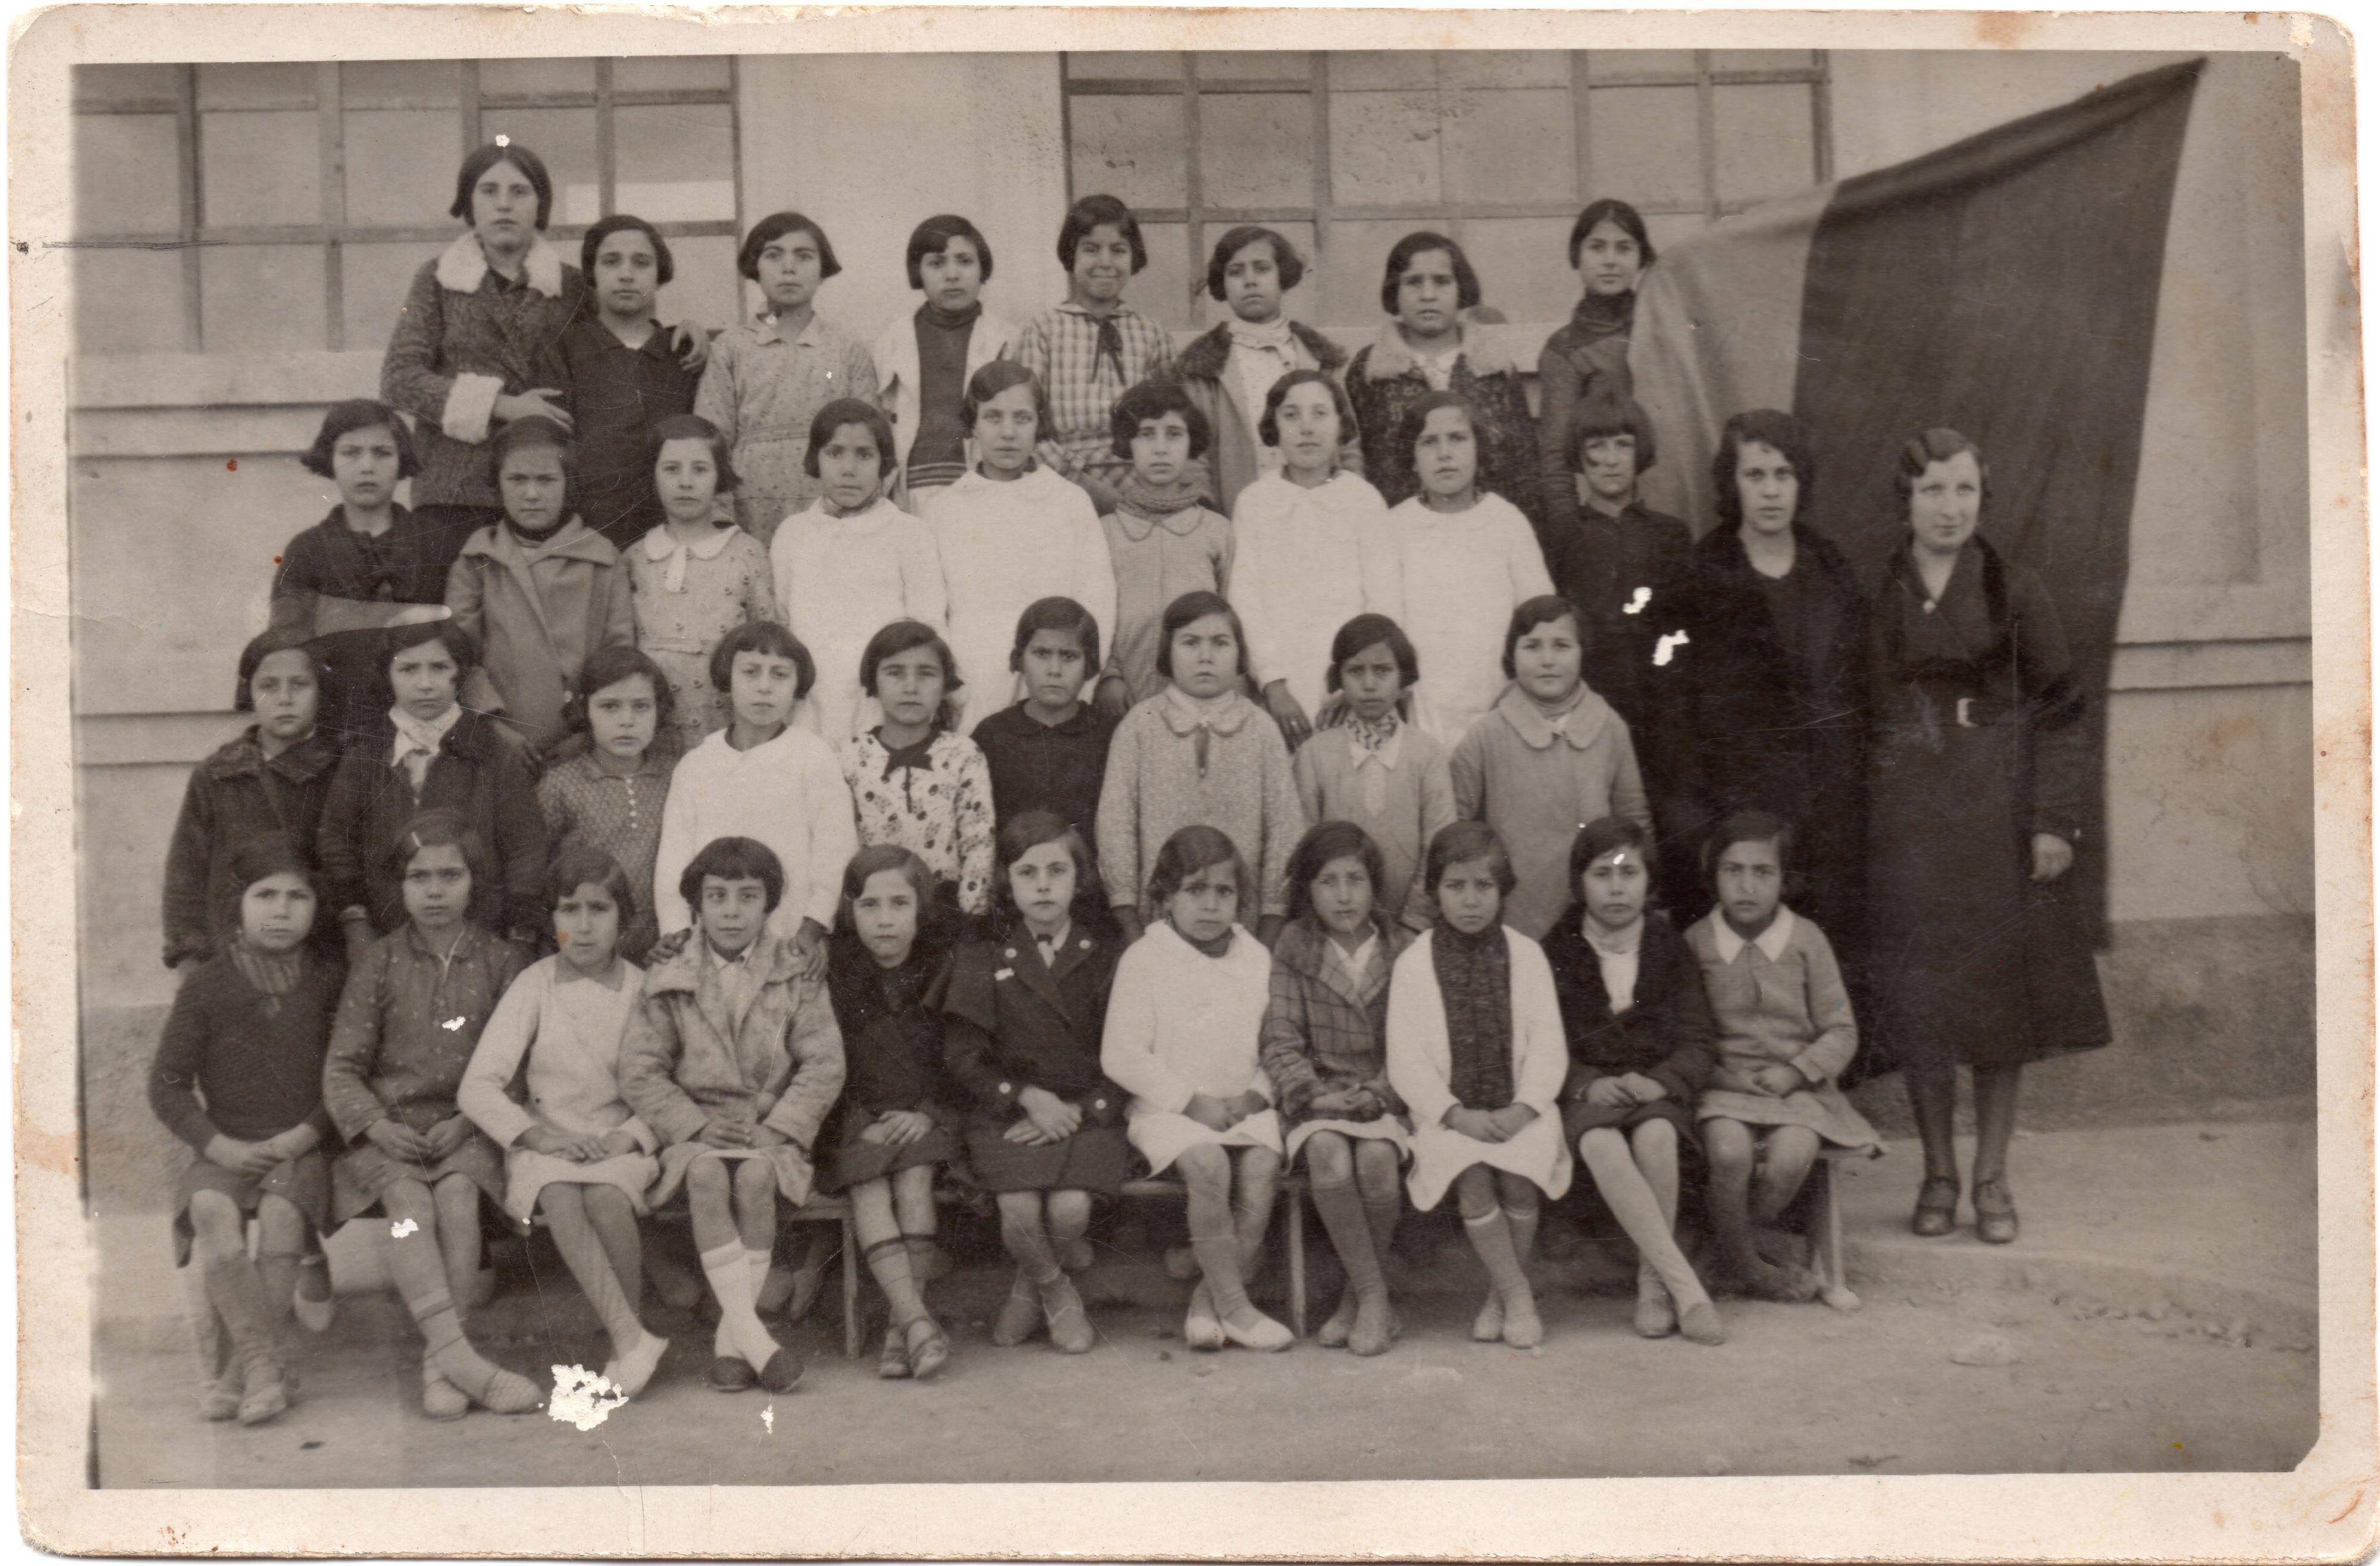 Figura 11. (Página 55).- Clase de doña Milagros, 1935. José María CANDELA GUILLÉN y Felipe MEJÍAS LÓPEZ, La Memoria Rescatada, Vol I, Pag. 91, Aspe, 2011.